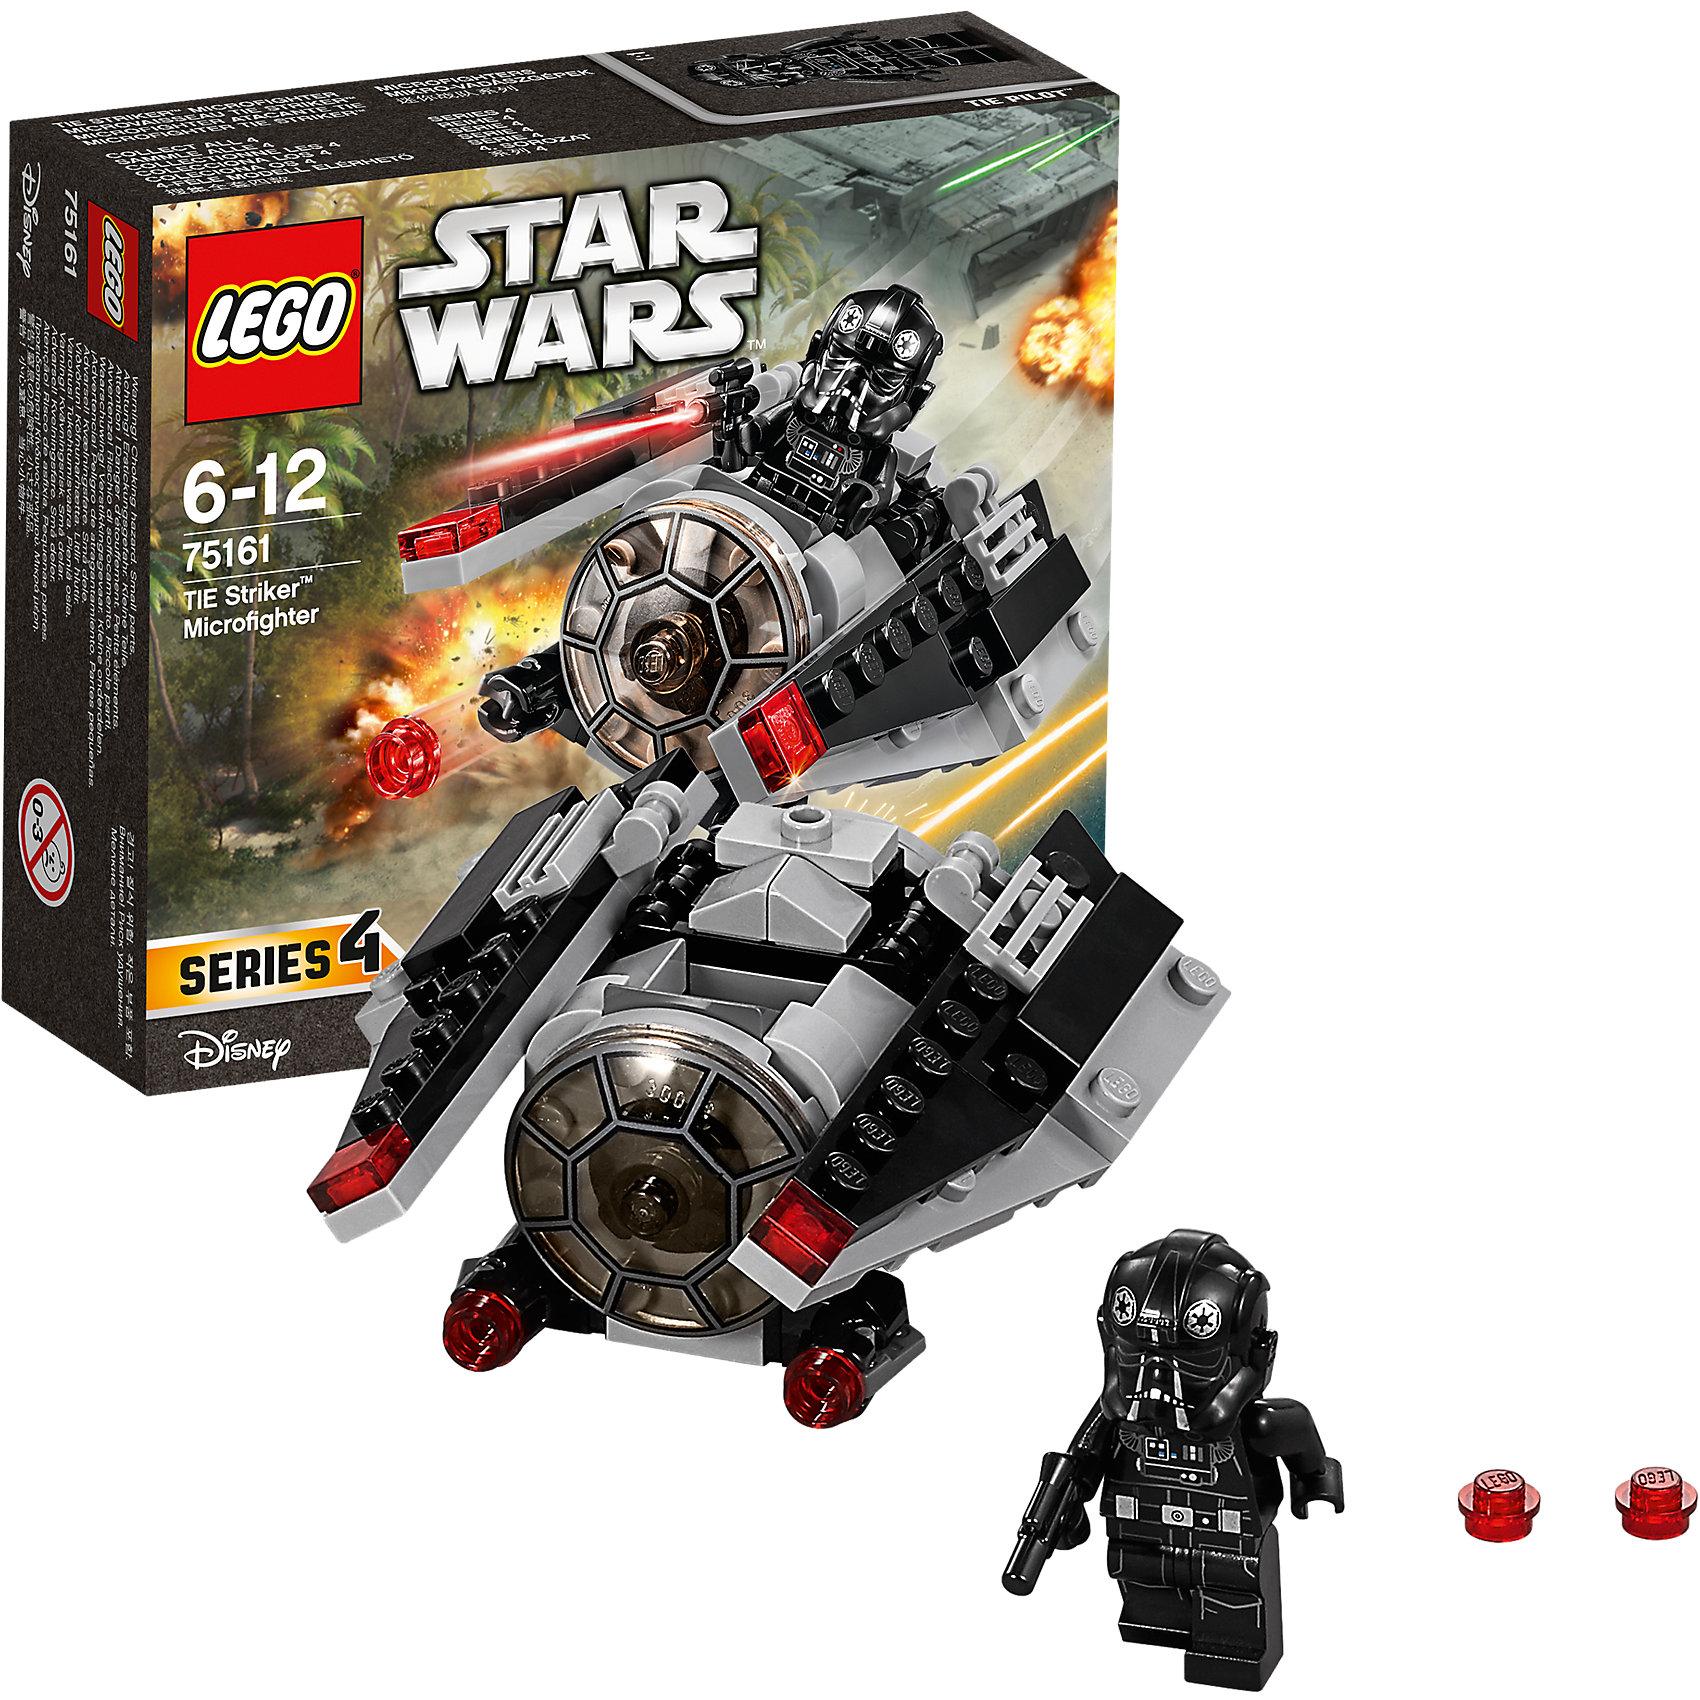 """LEGO Star Wars 75161: Микроистребитель-штурмовик TIEПластмассовые конструкторы<br>LEGO Star Wars 75161: Микроистребитель-штурмовик TIE<br><br>Характеристики:<br><br>- в набор входит: детали истребителя, 1 фигурка, аксессуары, инструкция<br>- состав: пластик<br>- количество деталей: 88<br>- примерное время сборки: 25 минут<br>- размер истребителя: 8 * 4 * 9 см.<br>- для детей в возрасте: от 6 до 12 лет<br>- Страна производитель: Дания/Китай/Чехия<br><br>Легендарный конструктор LEGO (ЛЕГО) представляет серию """"Звездные Войны"""" с героями одноименных фильмов. В набор входит Микроистребитель, фигурка имперского пилота, бластер. Отличная детализация костюма пилота добавляет фигурке реалистичности, а шикарный шлем выглядит точь-в-точь как в фильмах. Микроистребитель-штурмовик создан по мотивам фильма """"Изгой-один. Звёздные войны: Истории"""". Корабль выполнен в черном цвете и по форме и детализации очень схож с моделью фильма. Передние бластеры оснащены механизмом и стреляют снарядами, в наборе имеются запасные, также на крыльях красными прозрачными деталями  отмечены дополнительное оружие. Крылья поворачиваются для маневренности истербителя. Небольшие красные детали на крыльях симулируют работу двигателя и выглядят очень гармонично. Опасный микроистребитель-штурмовик Темной Стороны силы противостоит повстанцам и не позволит им добраться до чертежей Звезды Смерти.<br><br>Конструктор LEGO Star Wars 75161: Микроистребитель-штурмовик TIE можно купить в нашем интернет-магазине.<br><br>Ширина мм: 144<br>Глубина мм: 121<br>Высота мм: 48<br>Вес г: 99<br>Возраст от месяцев: 72<br>Возраст до месяцев: 144<br>Пол: Мужской<br>Возраст: Детский<br>SKU: 5002387"""